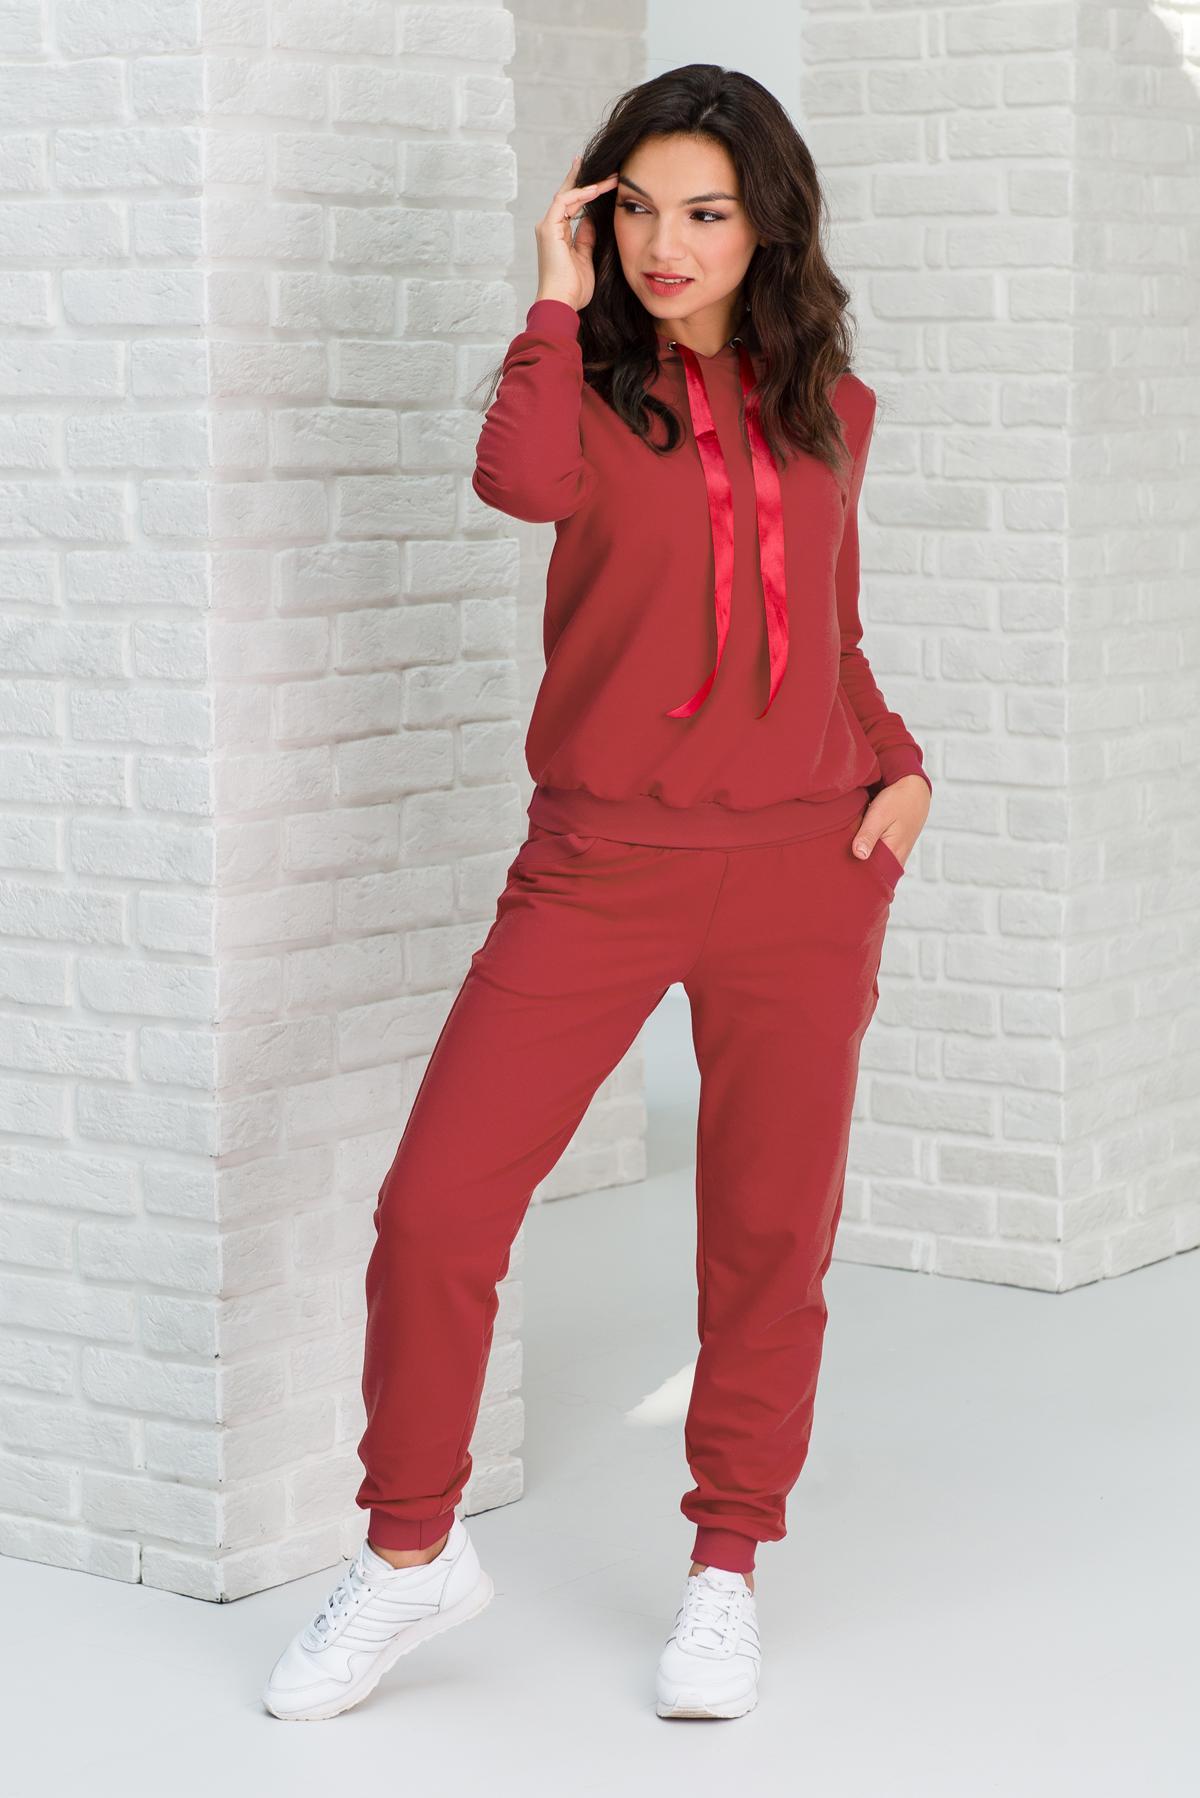 Жен. костюм арт. 19-0343 Амарант р. 44 Шарлиз